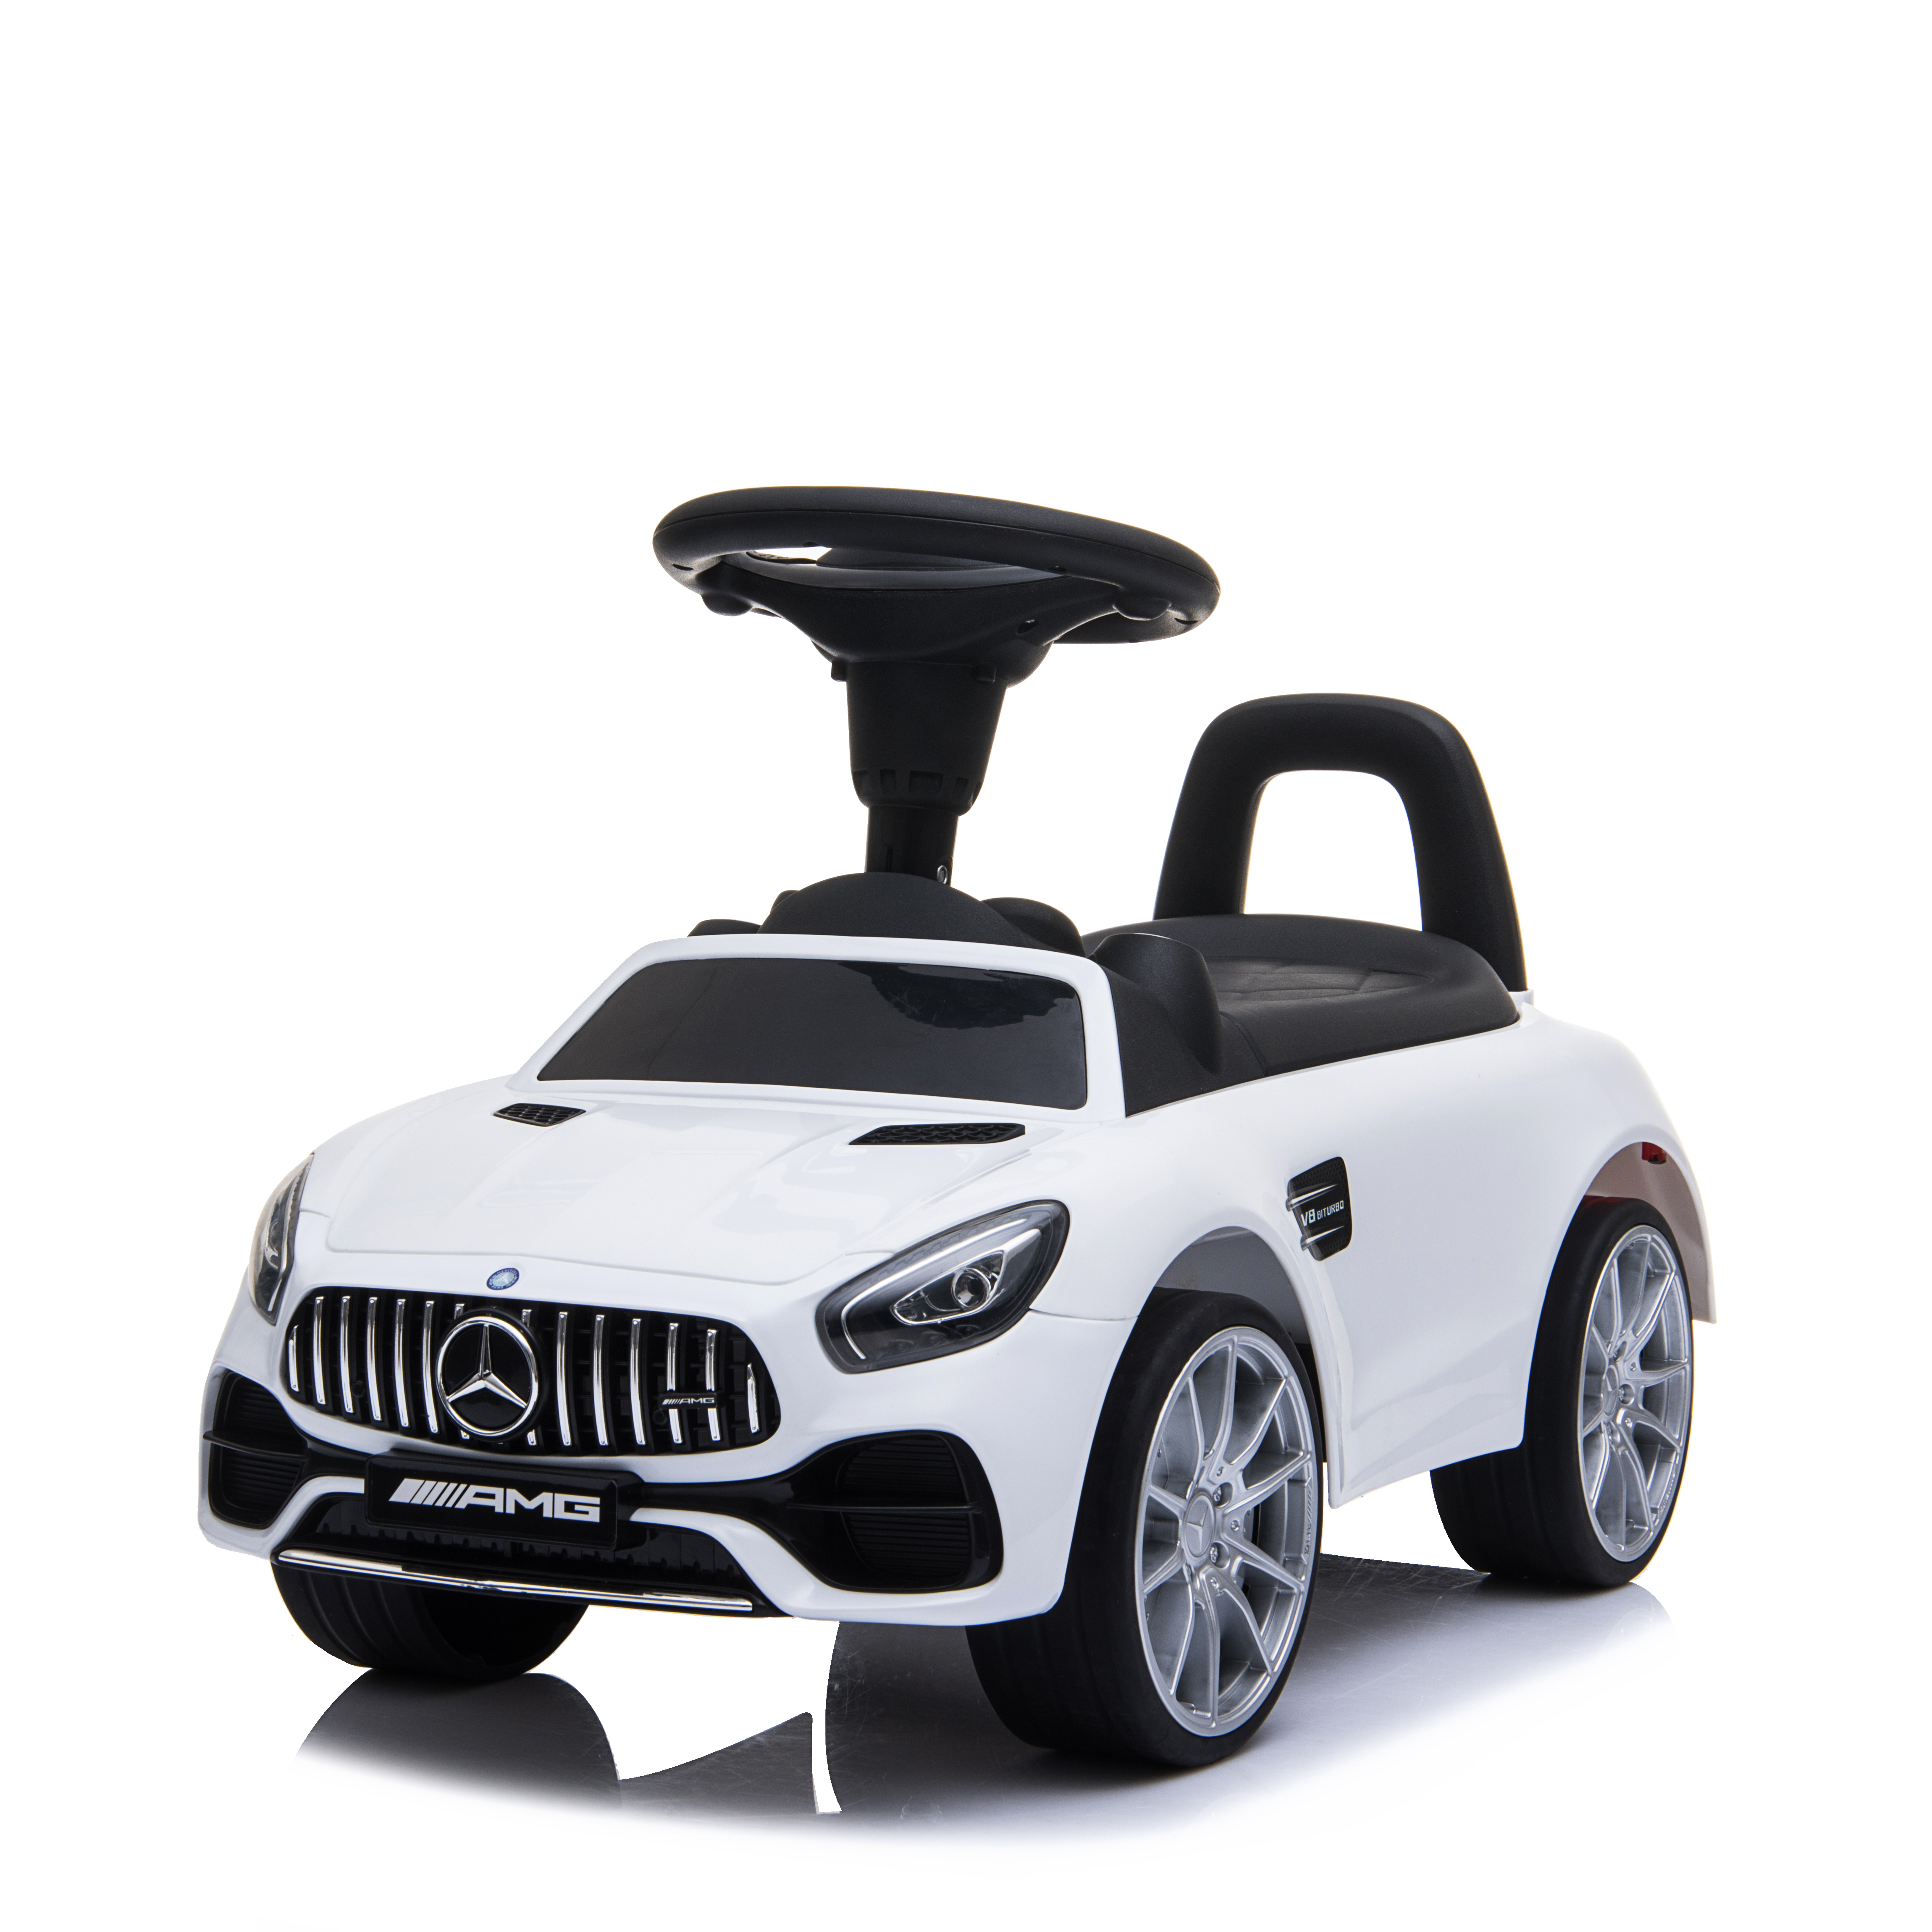 벤츠 AMG GT 저소음 유아 붕붕카, 화이트